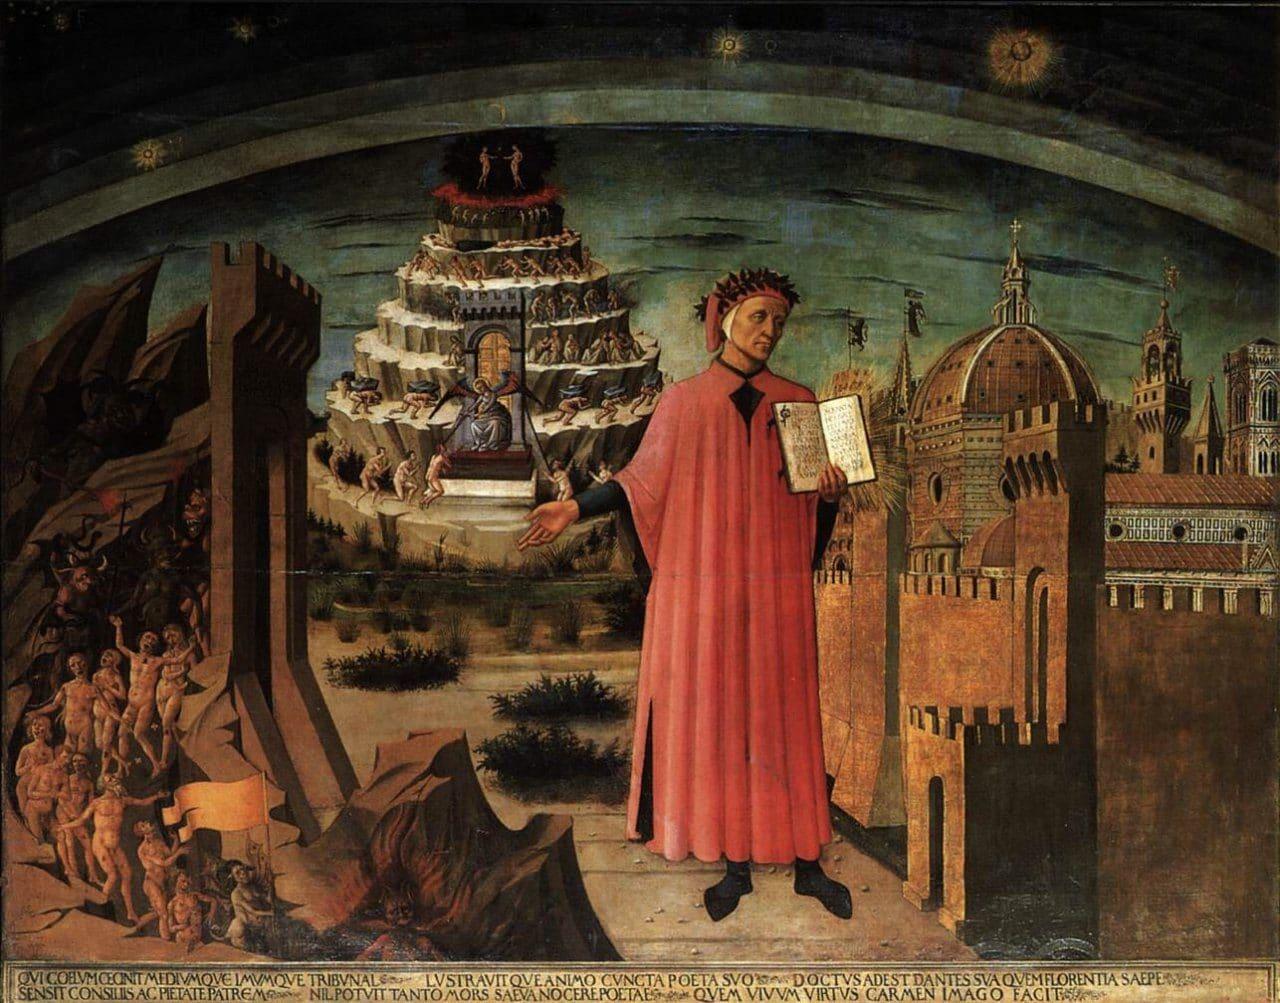 이탈리아 여행, 피렌체 산타 마리아 델 피오레 성당에 소장된 도메니코 디 미켈리노(Domenico di Michelino)가 1465년에 그린 '단테의 신곡(La commedia illumina Firenze)'